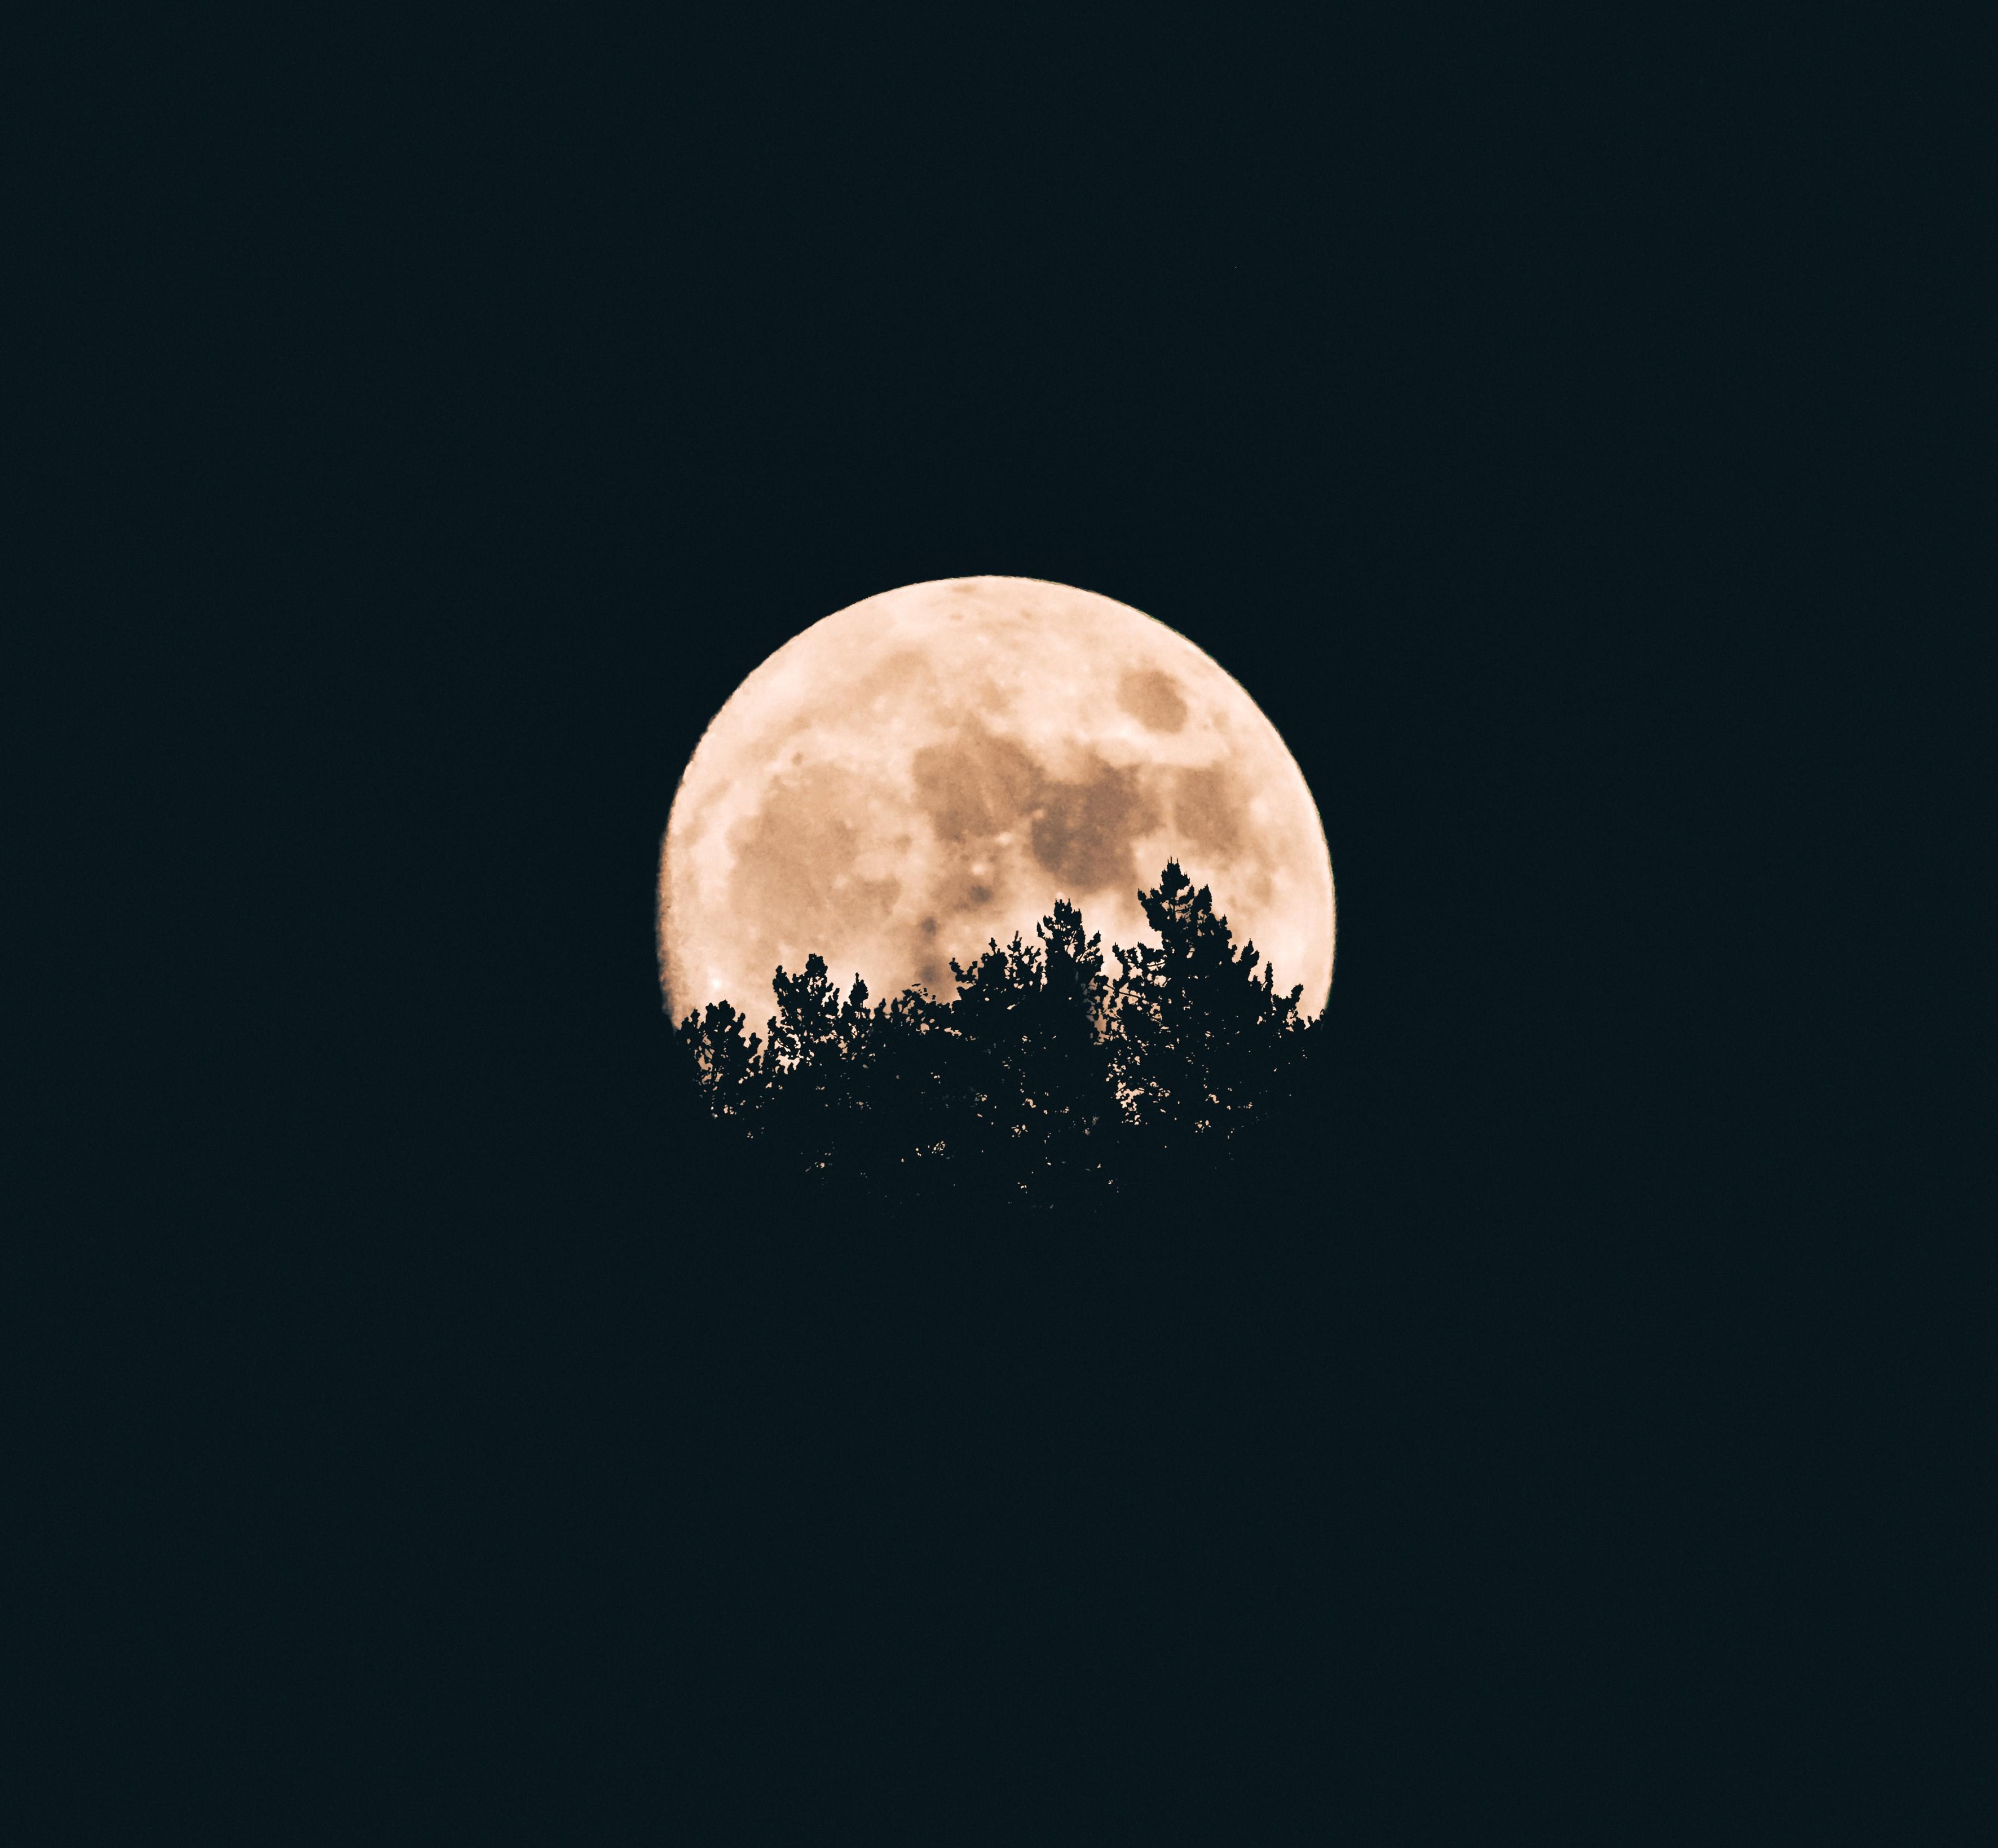 Moon behind trees at night.